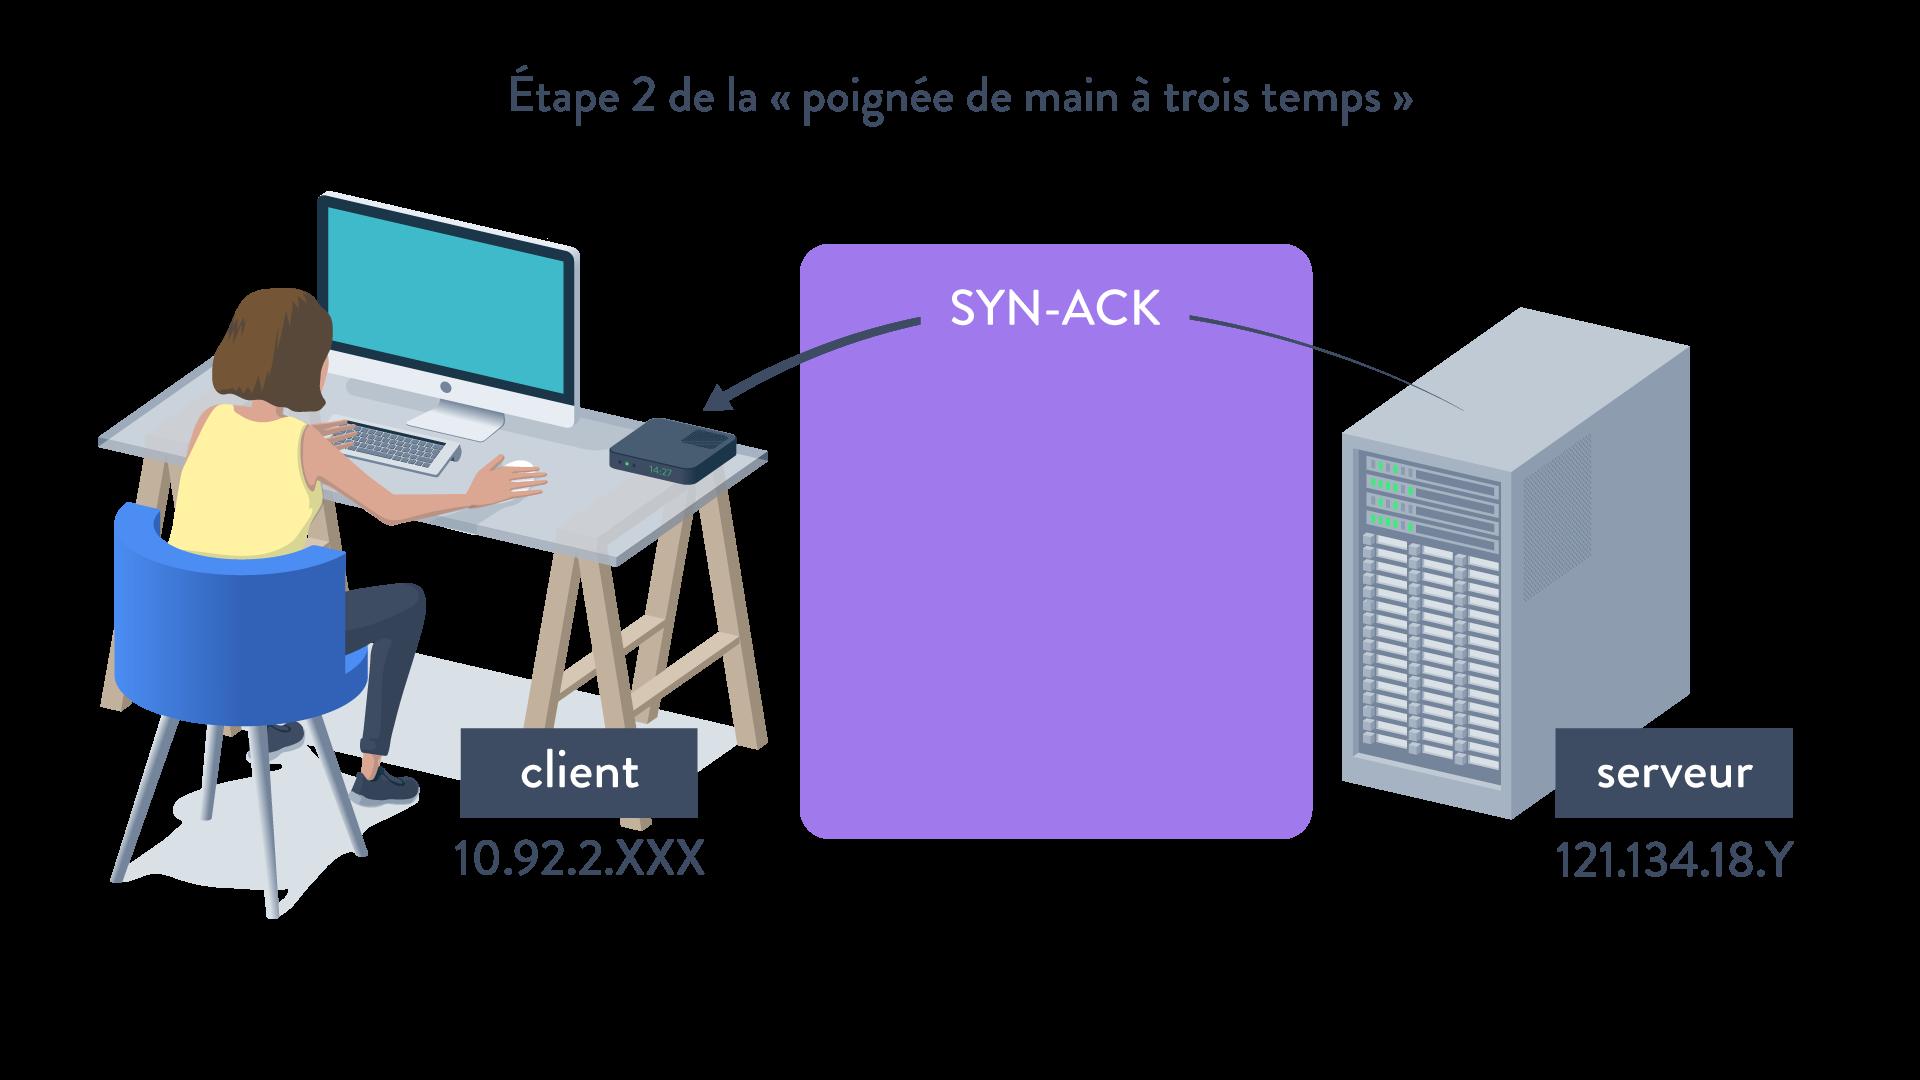 étape 2 poignée de main à trois temps SYN-ACK